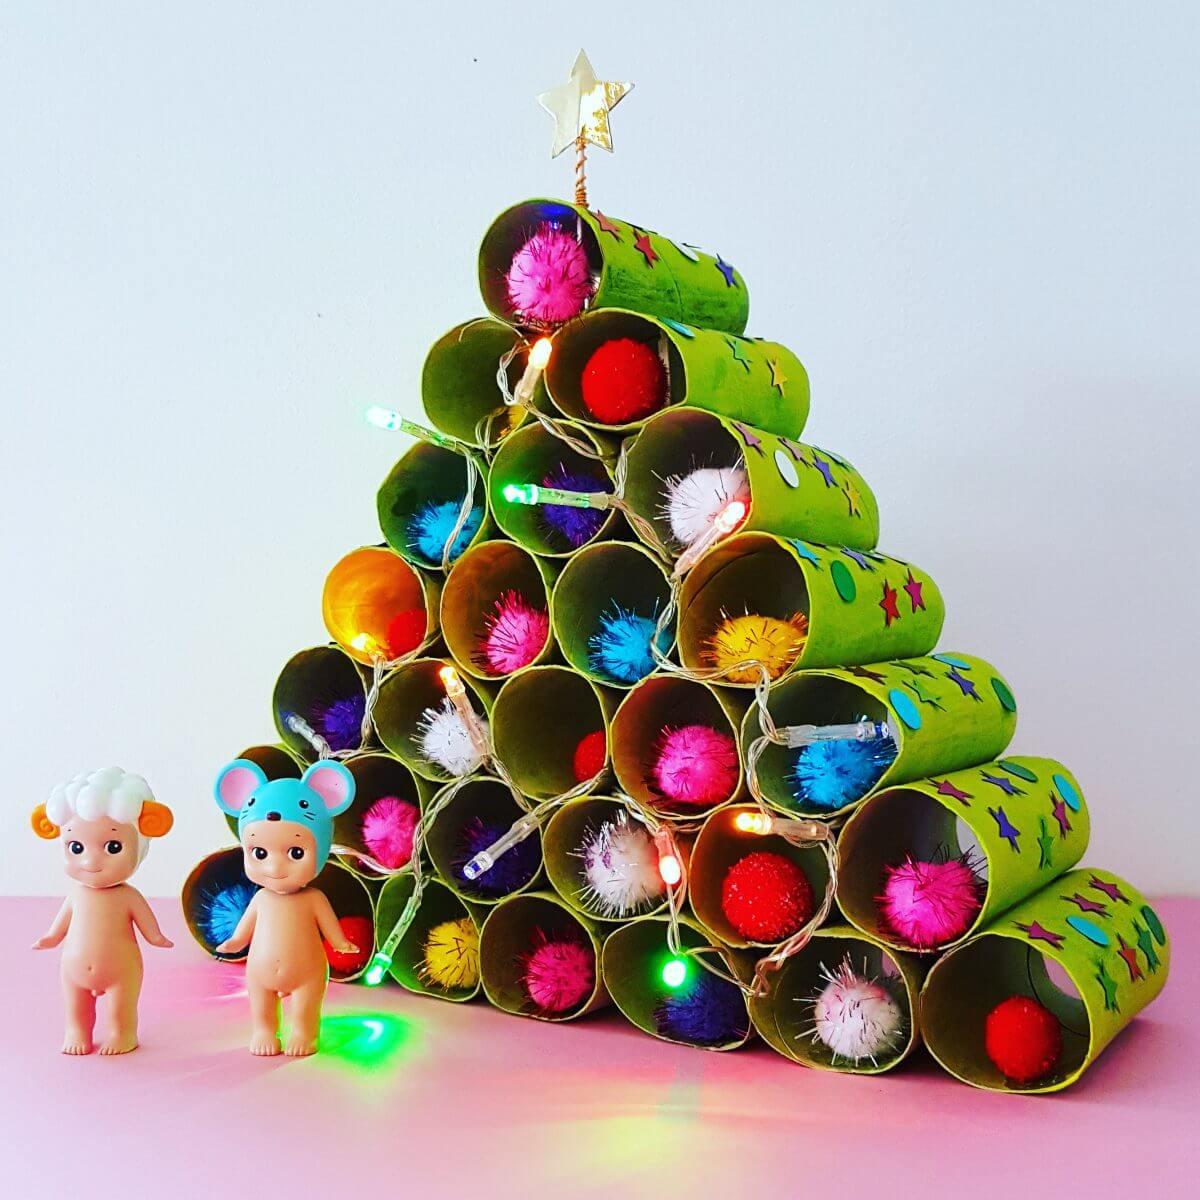 Kerstboom knutselen van wc rollen, compleet met kerstlichtjes en kerstballen